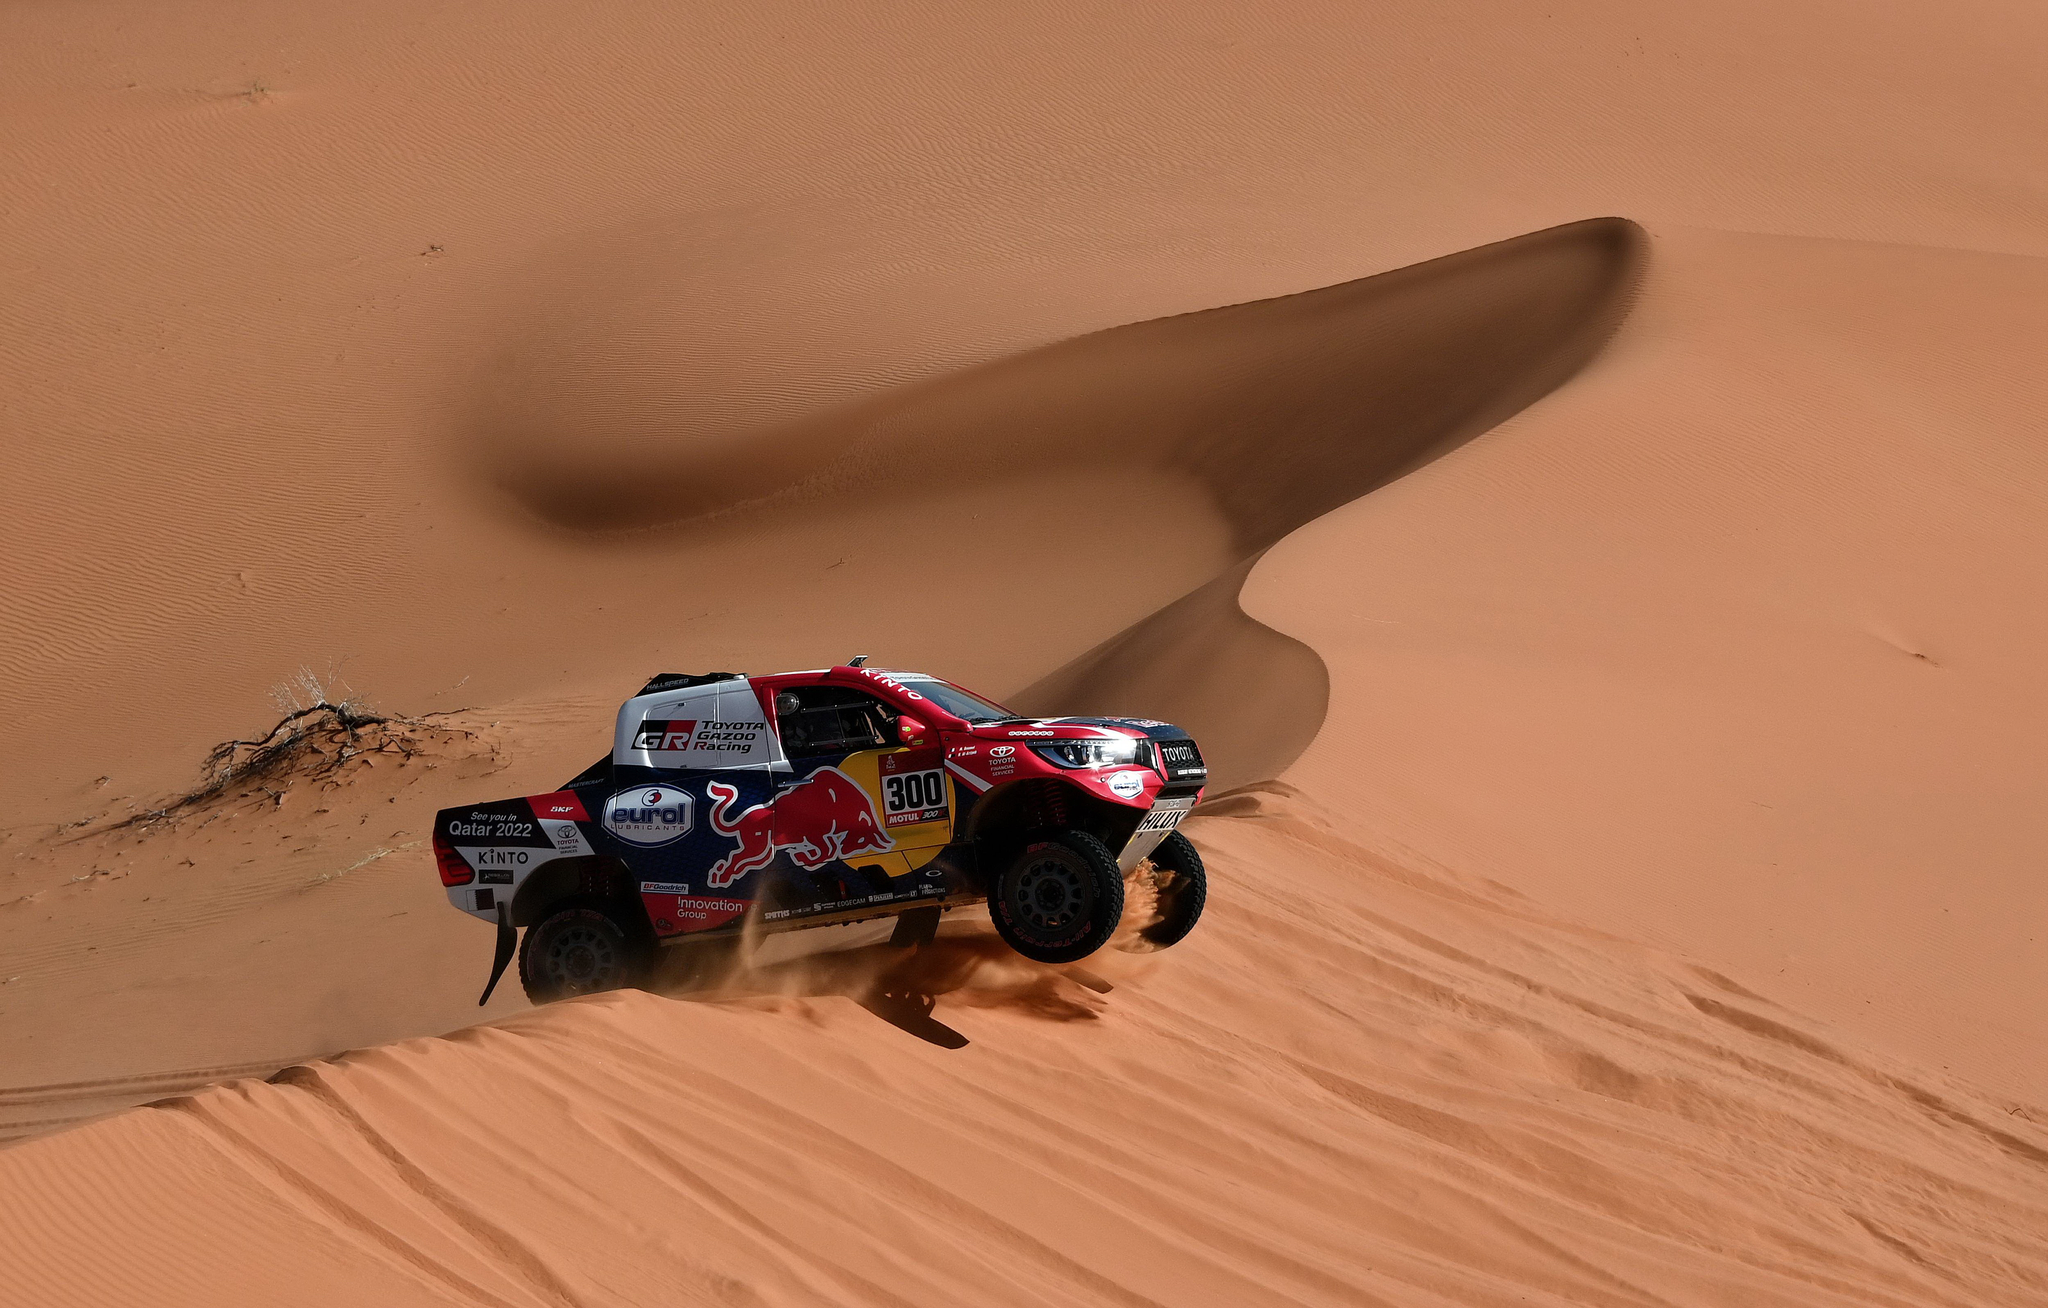 토요타 자동차를 운전하는 카타르의 나세르와 프랑스의 마쏘가 10일 2020년 다카르 랠리 6구간을 달리고 있다. [AFP=연합뉴스]